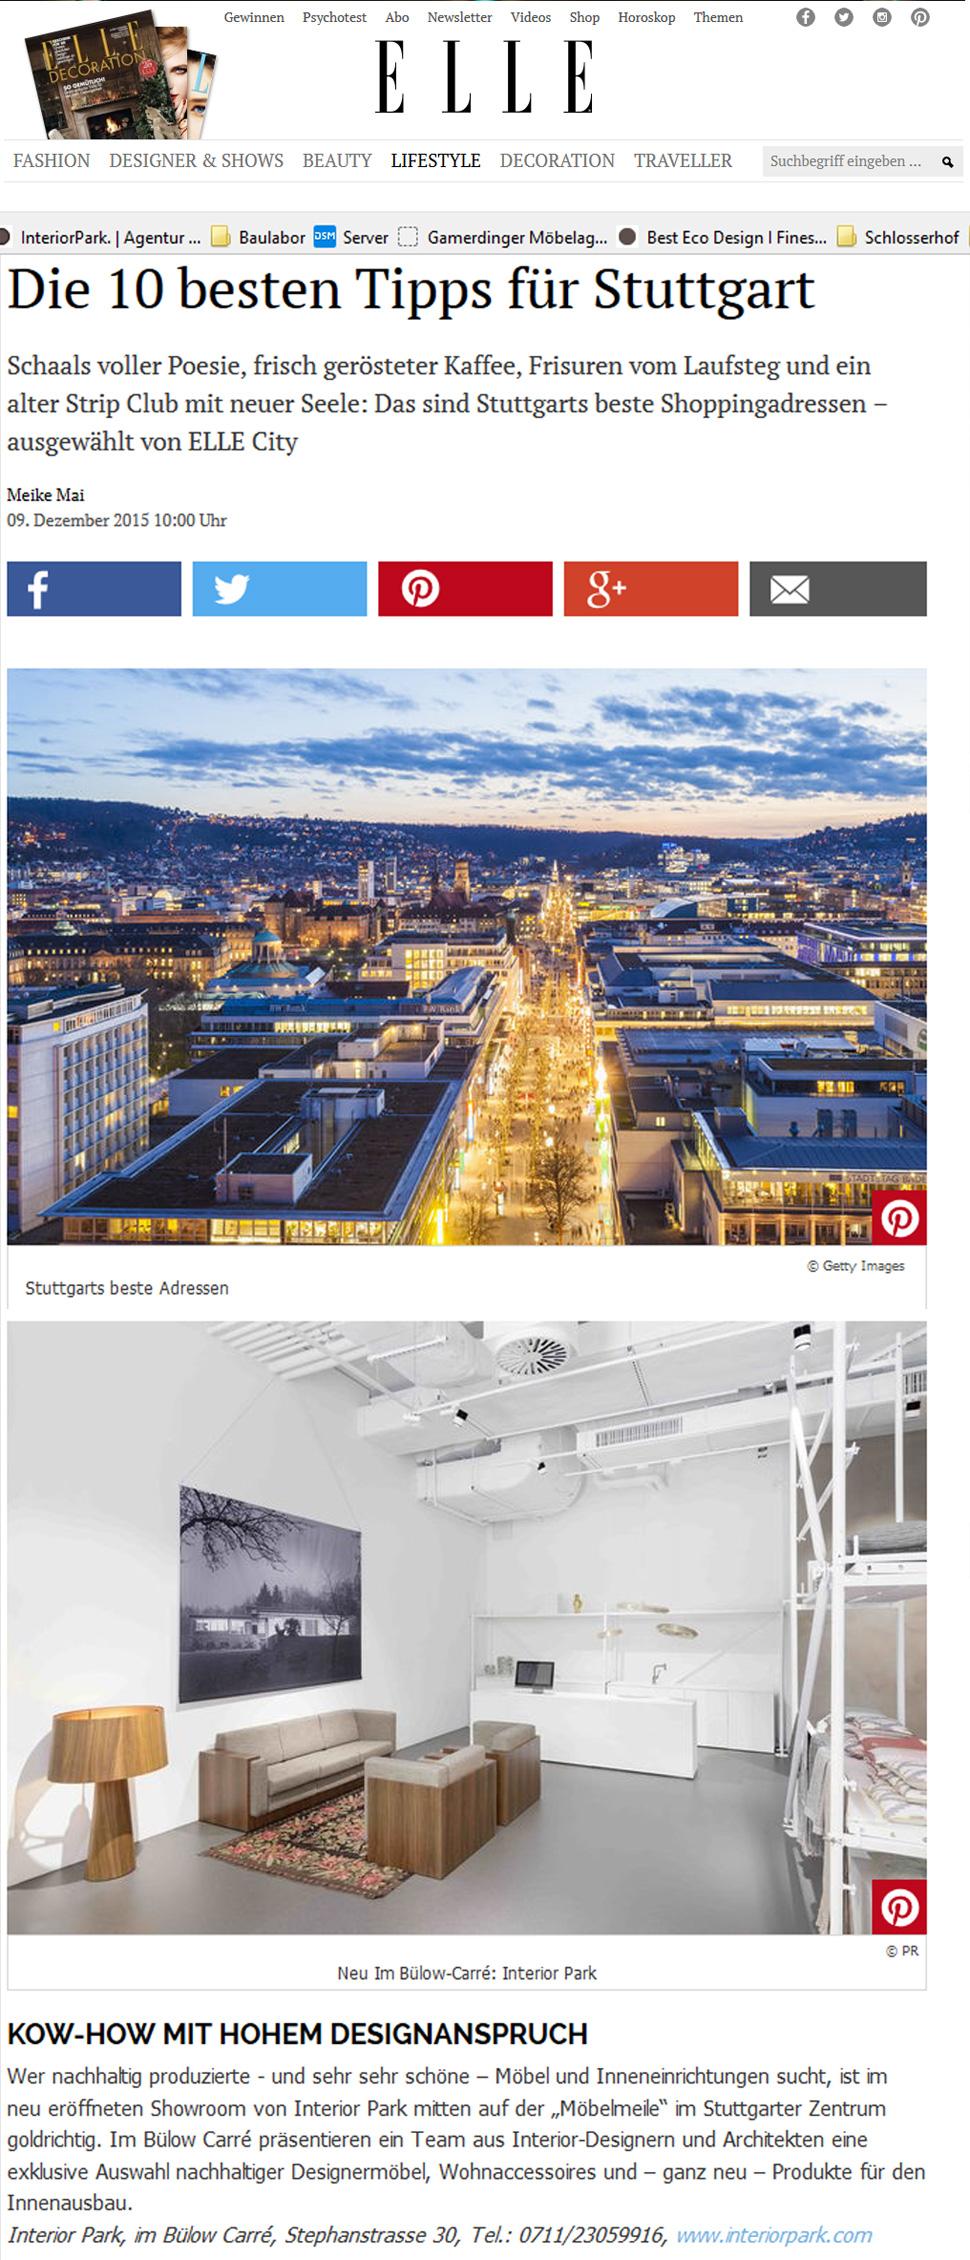 Elle empfiehlt InteriorPark. Store Stuttgart